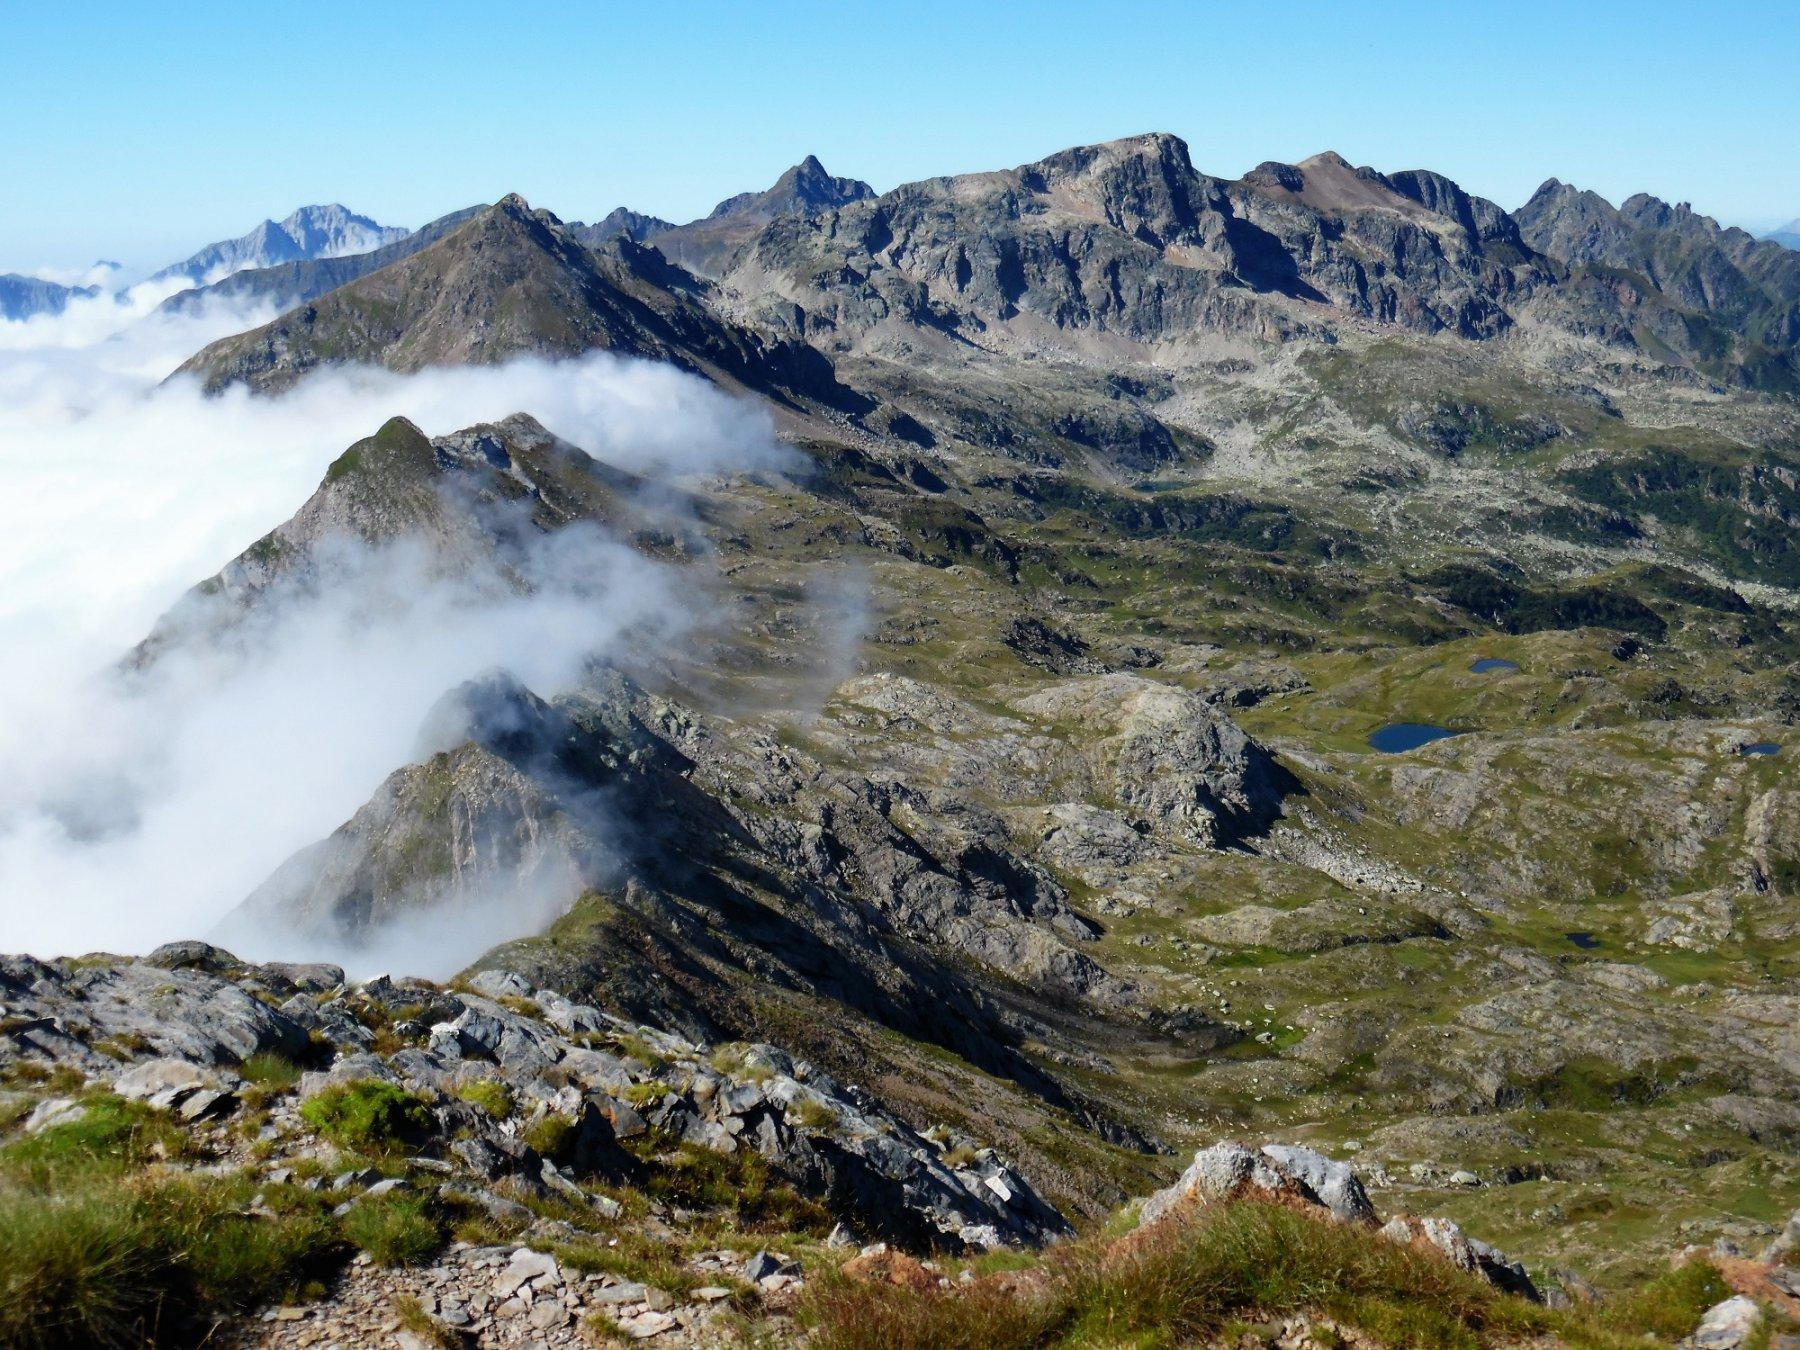 Cresta nelle nuvole. Dietro l'Arera, il Pradella e il Cabianca